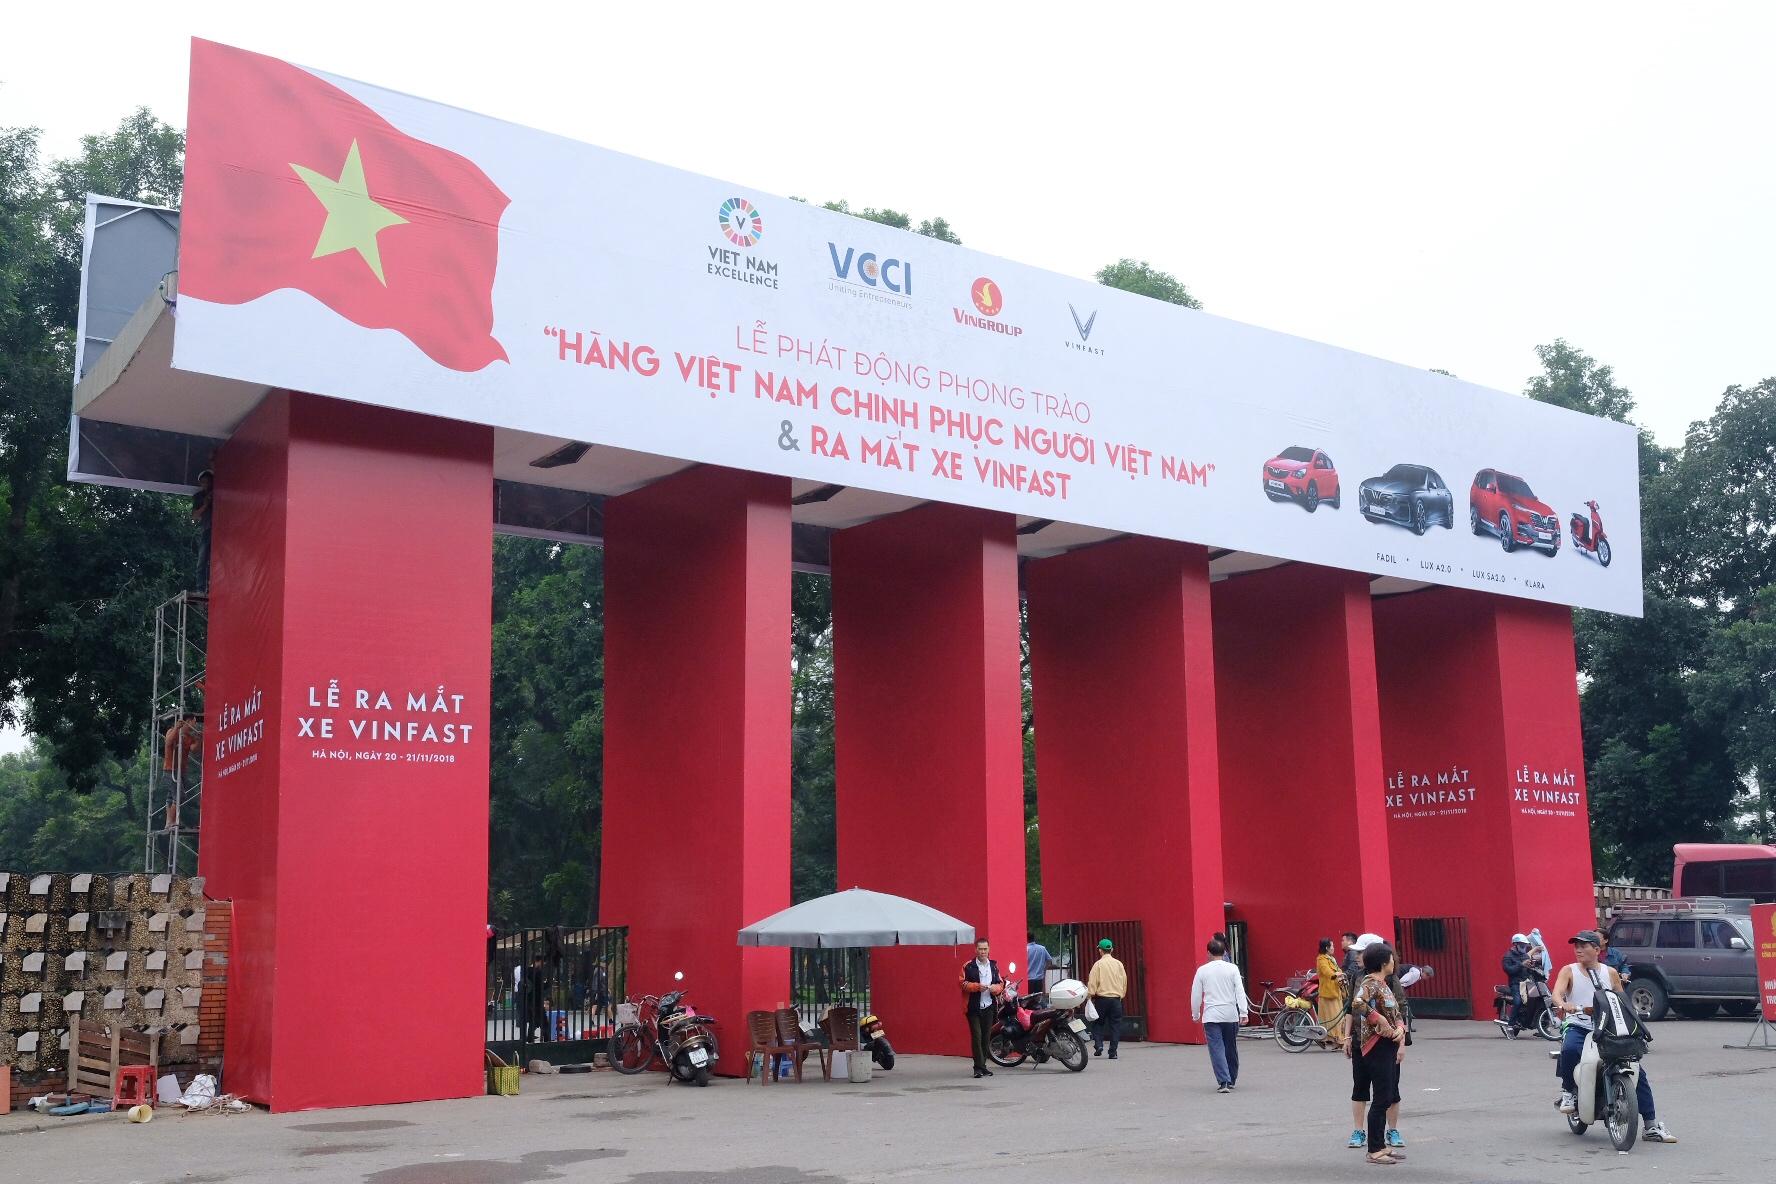 Những hình ảnh mới nhất của ô tô Vinfast chuẩn bị lễ ra mắt tại Hà Nội 4